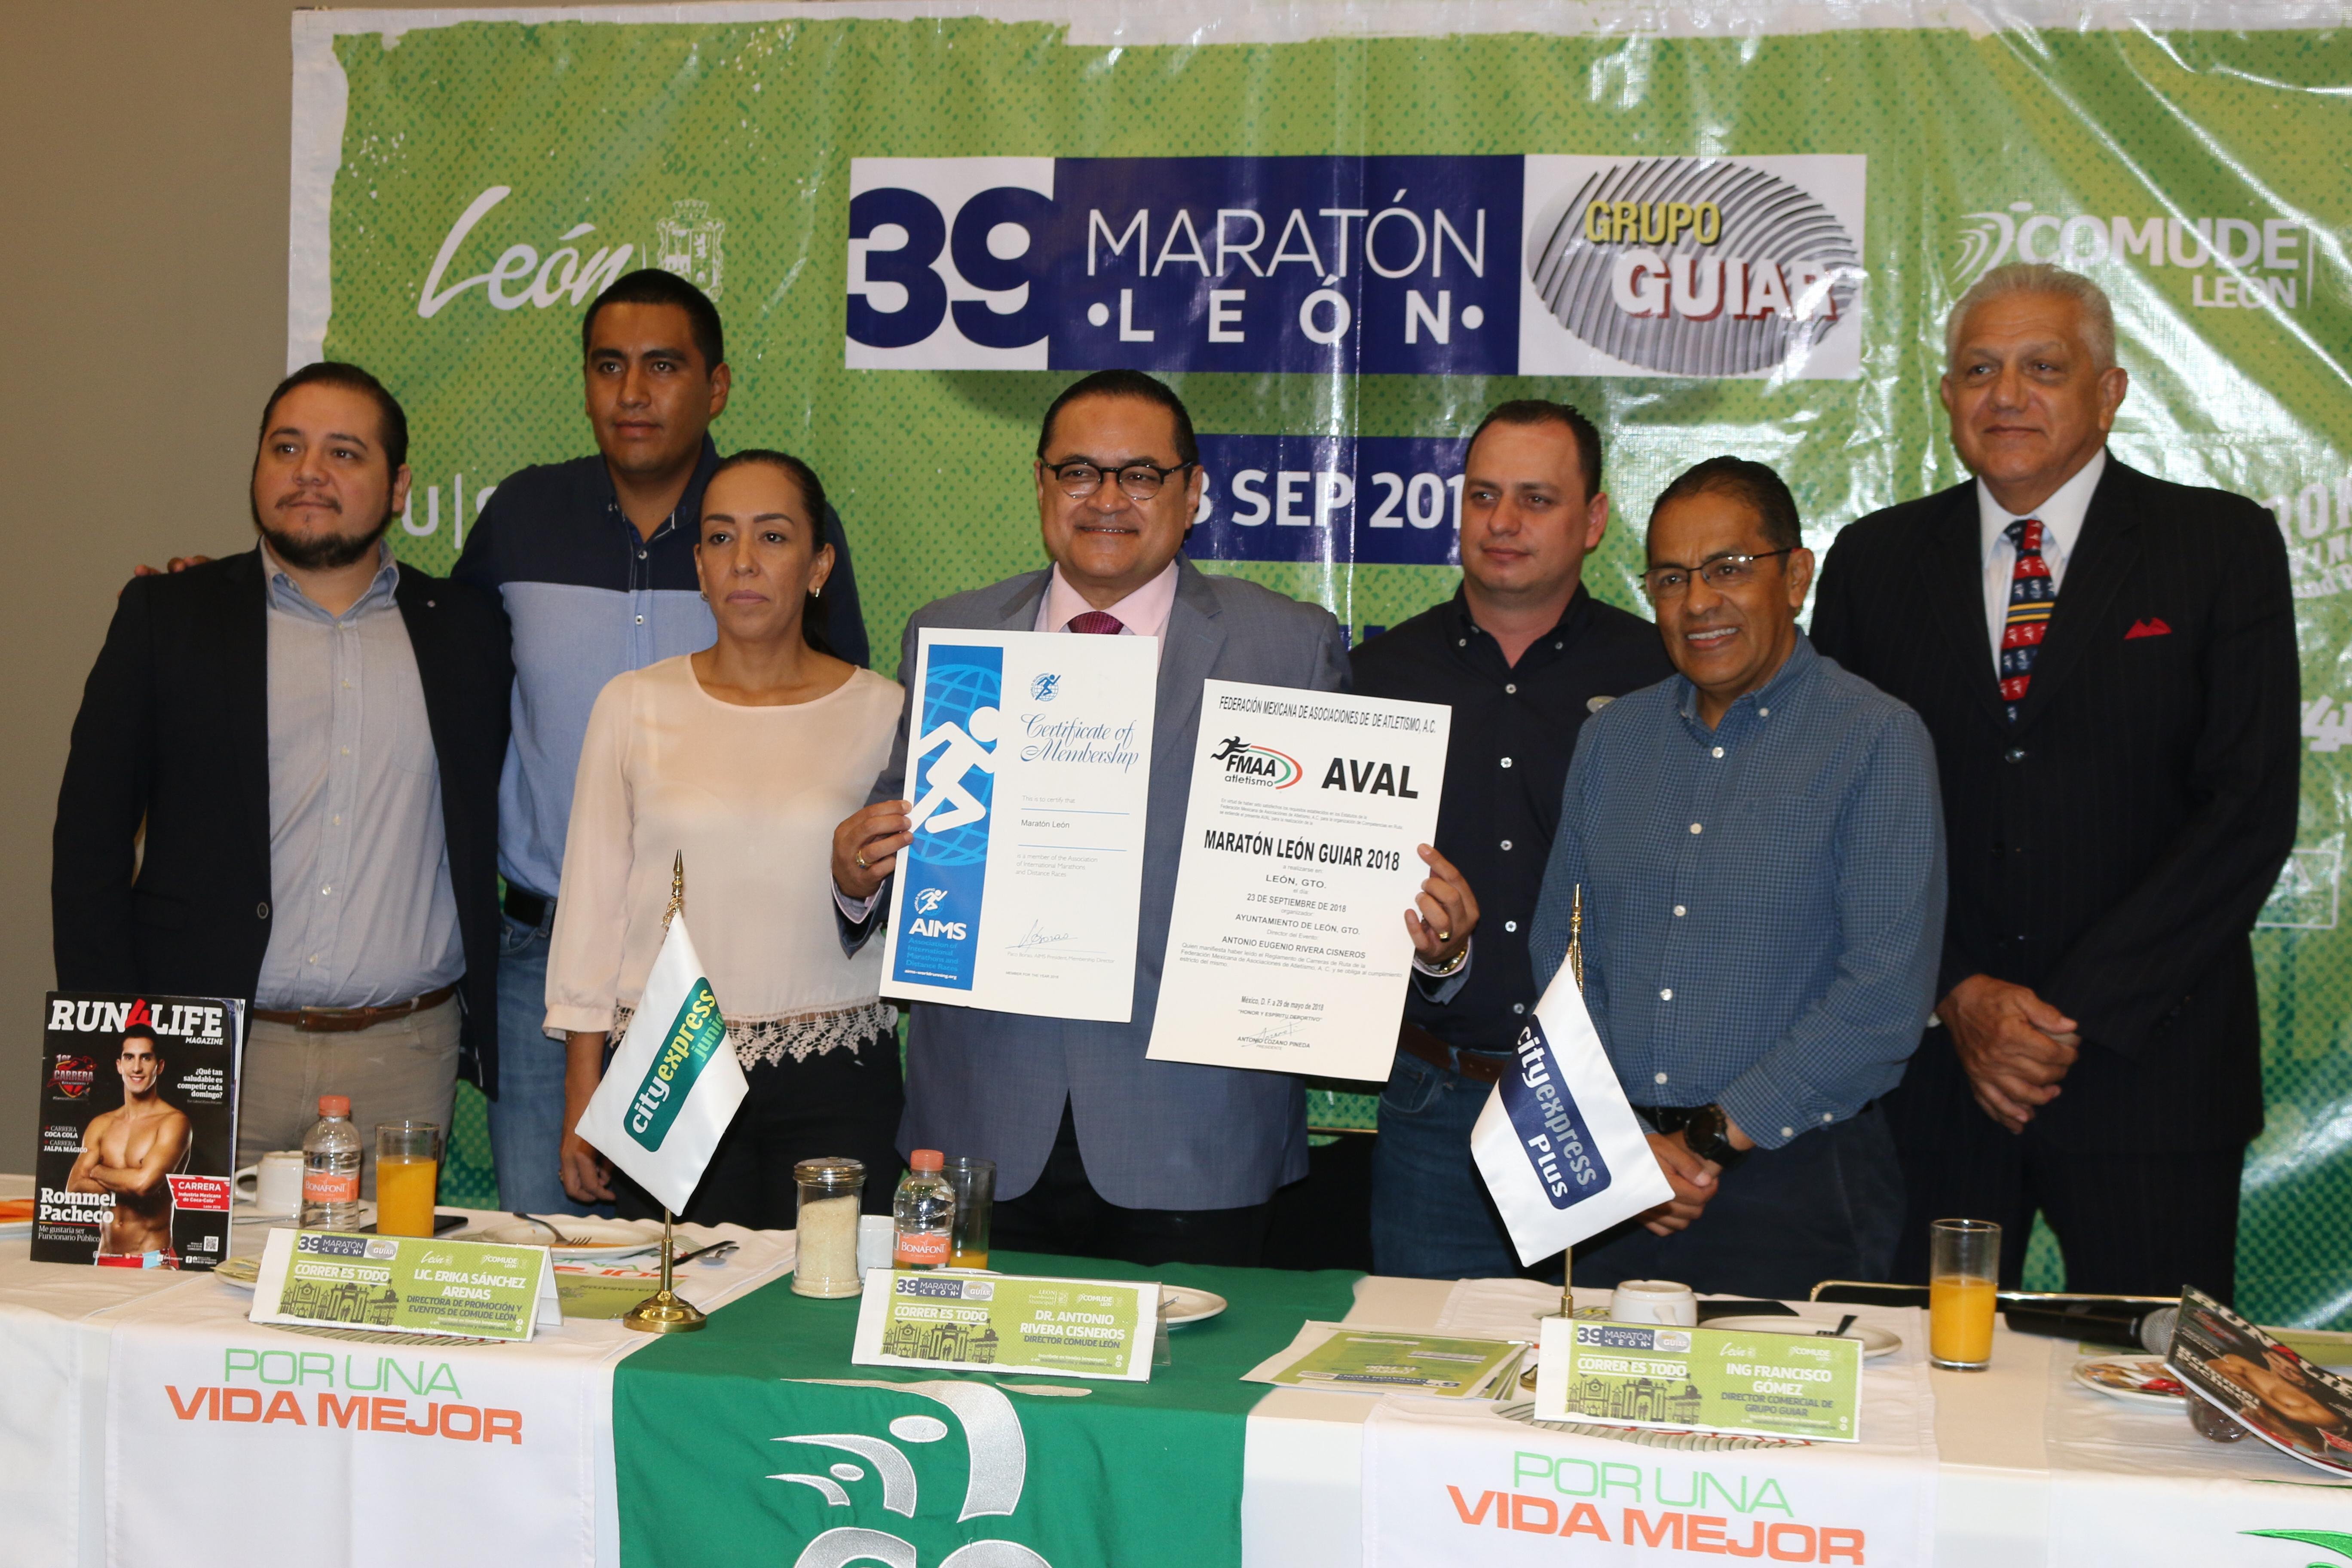 Presenta Comude la nueva ruta del Maratón León Guiar 2018 con salida y meta en el Fórum Cultural Guanajuato